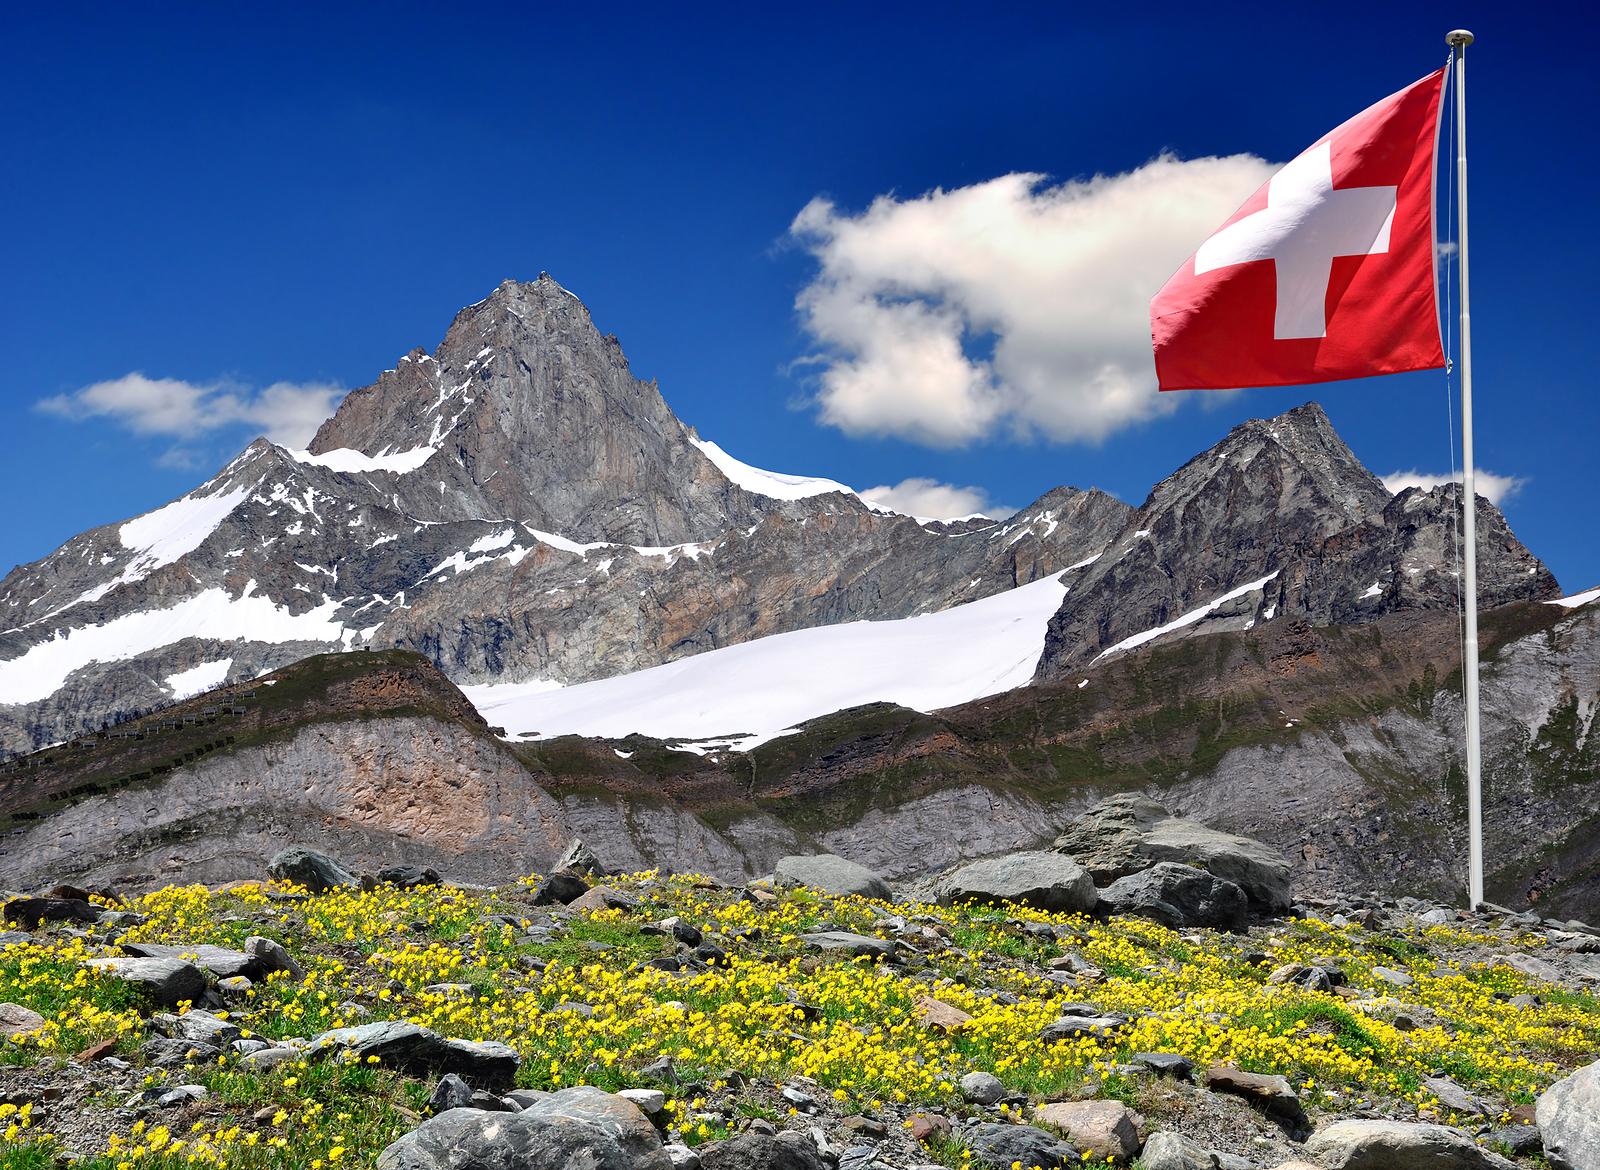 travel itinerary to switzerland essay